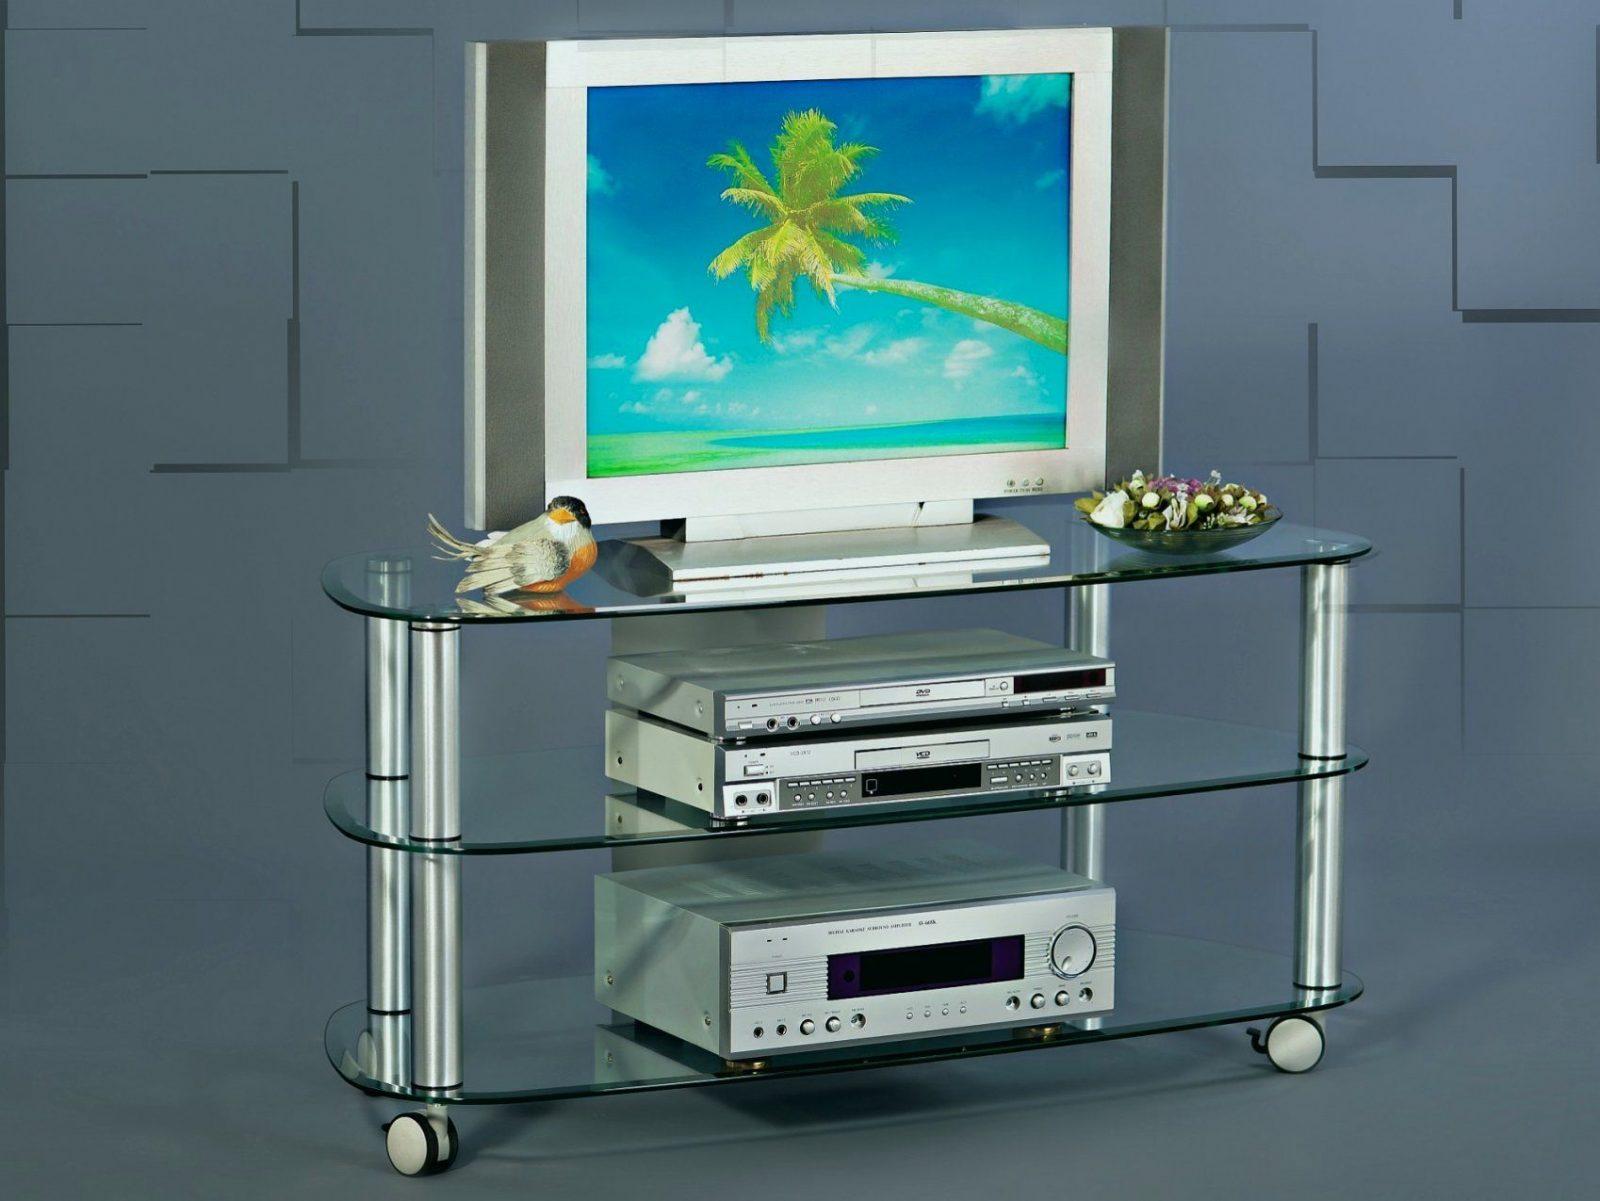 Glas Tv Tisch Ideen Tv Rack Messing Tv Tisch Klarglas Günstig Kaufen von Tv Tisch Glas Mit Rollen Photo